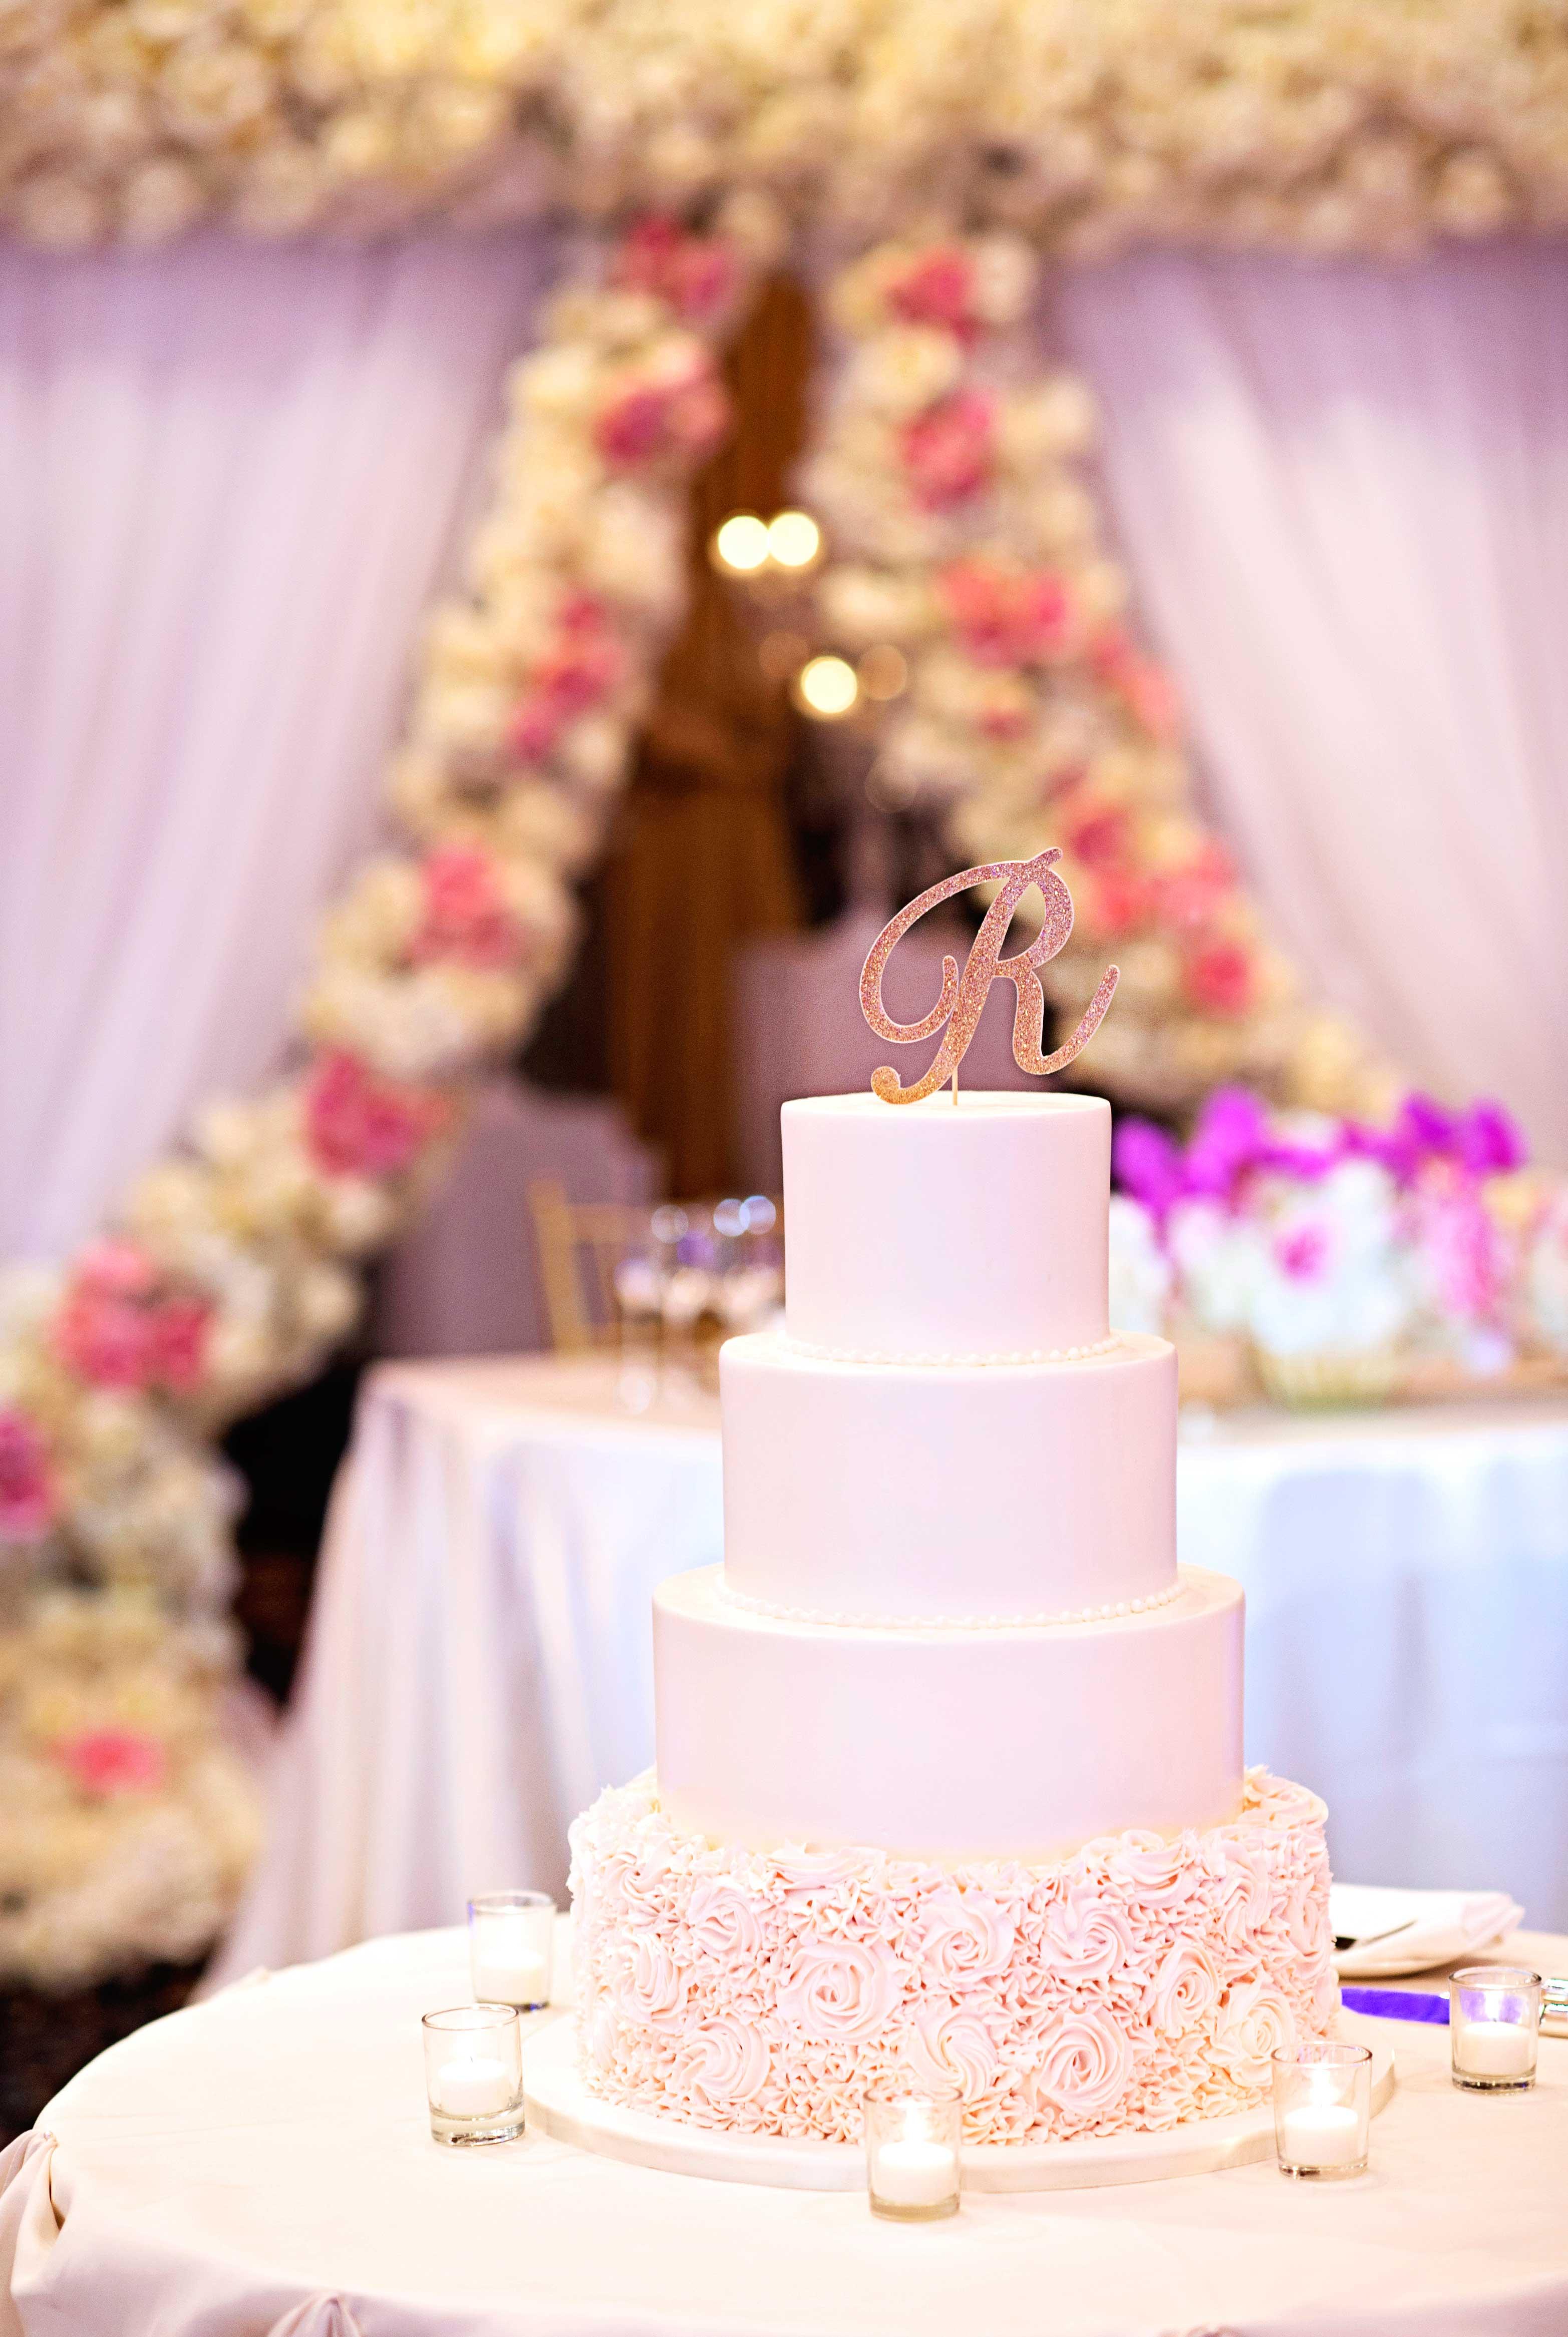 Glitter initial monogram cake topper wedding ideas